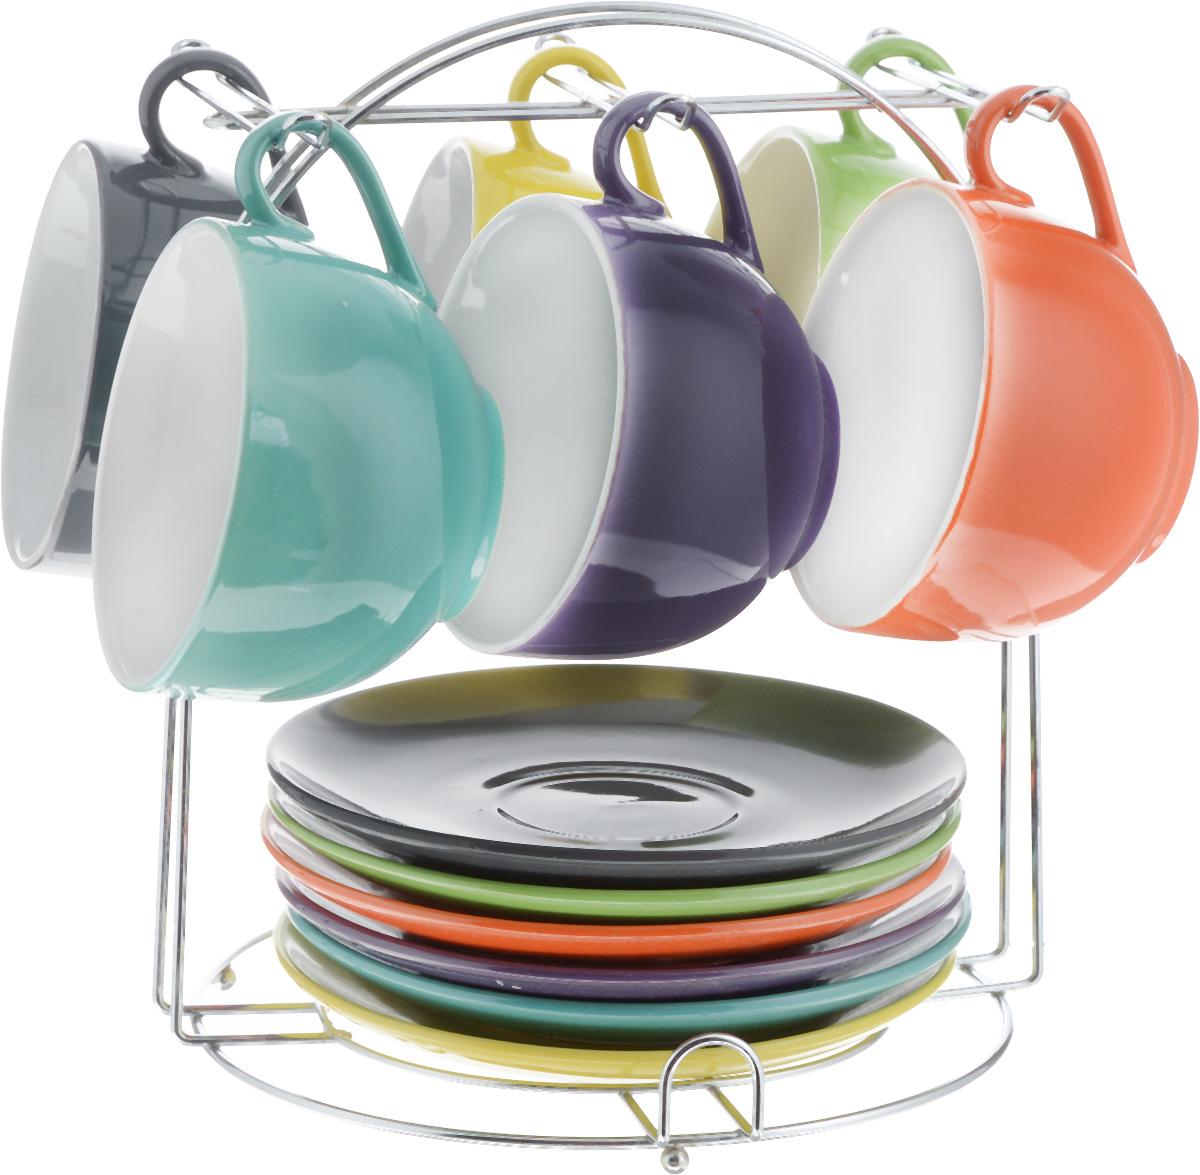 Набор чайный Loraine, на подставке, 13 предметов. 2313423134Набор Loraine состоит из шести чашек и шести блюдец, изготовленных из высококачественной керамики. Для компактного хранения изделий предусмотрена металлическая подставка. Такой набор идеально подойдет для подачи чая или кофе.Лаконичный дизайн придется по вкусу и ценителям классики, и тем, кто предпочитает утонченность и изысканность. Он настроит на позитивный лад и подарит хорошее настроение с самого утра. Чайный набор Loraine станет отличным подарком для вашего дома и для ваших друзей в праздники.Можно использовать в микроволновой печи, также мыть в посудомоечной машине. Объем чашки: 250 мл. Диаметр чашки (по верхнему краю): 9,5 см. Высота чашки: 6,5 см. Диаметр блюдца: 14,5 см. Высота блюдца: 2,2 см.Размер подставки: 19 х 19,5 х 22,5 см.